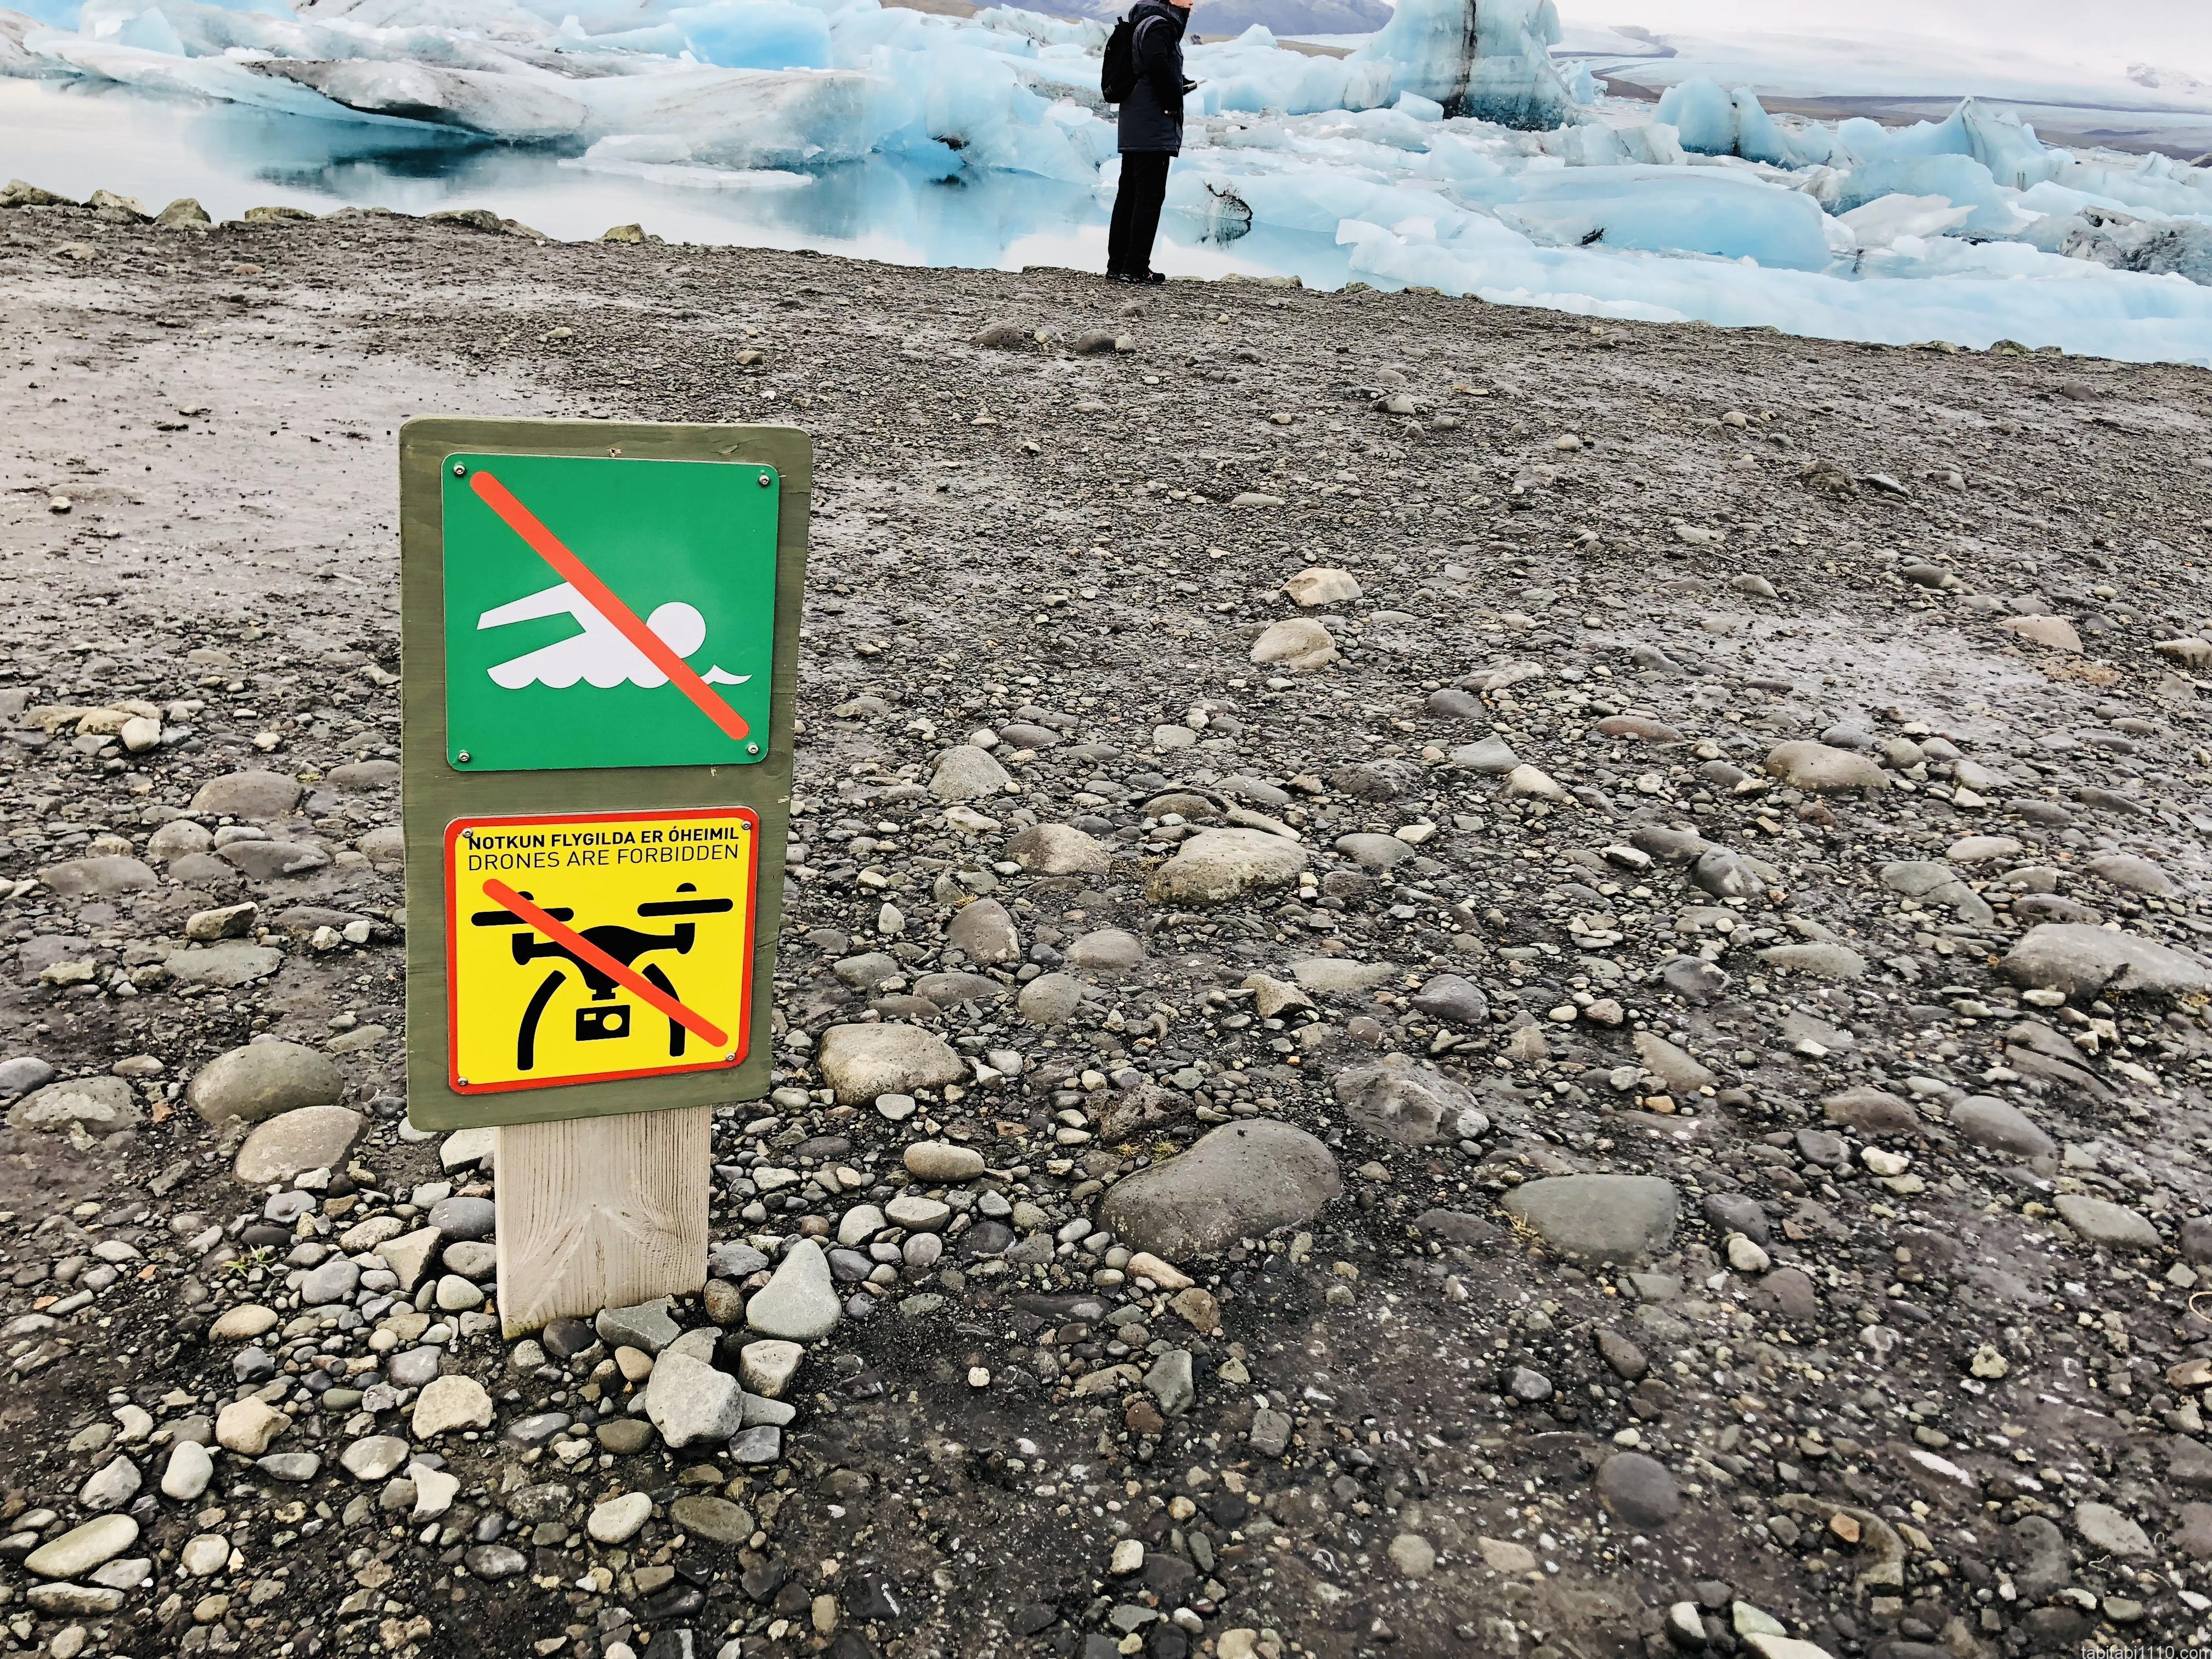 ヨークルスアゥルロゥン氷河湖|ドローン禁止